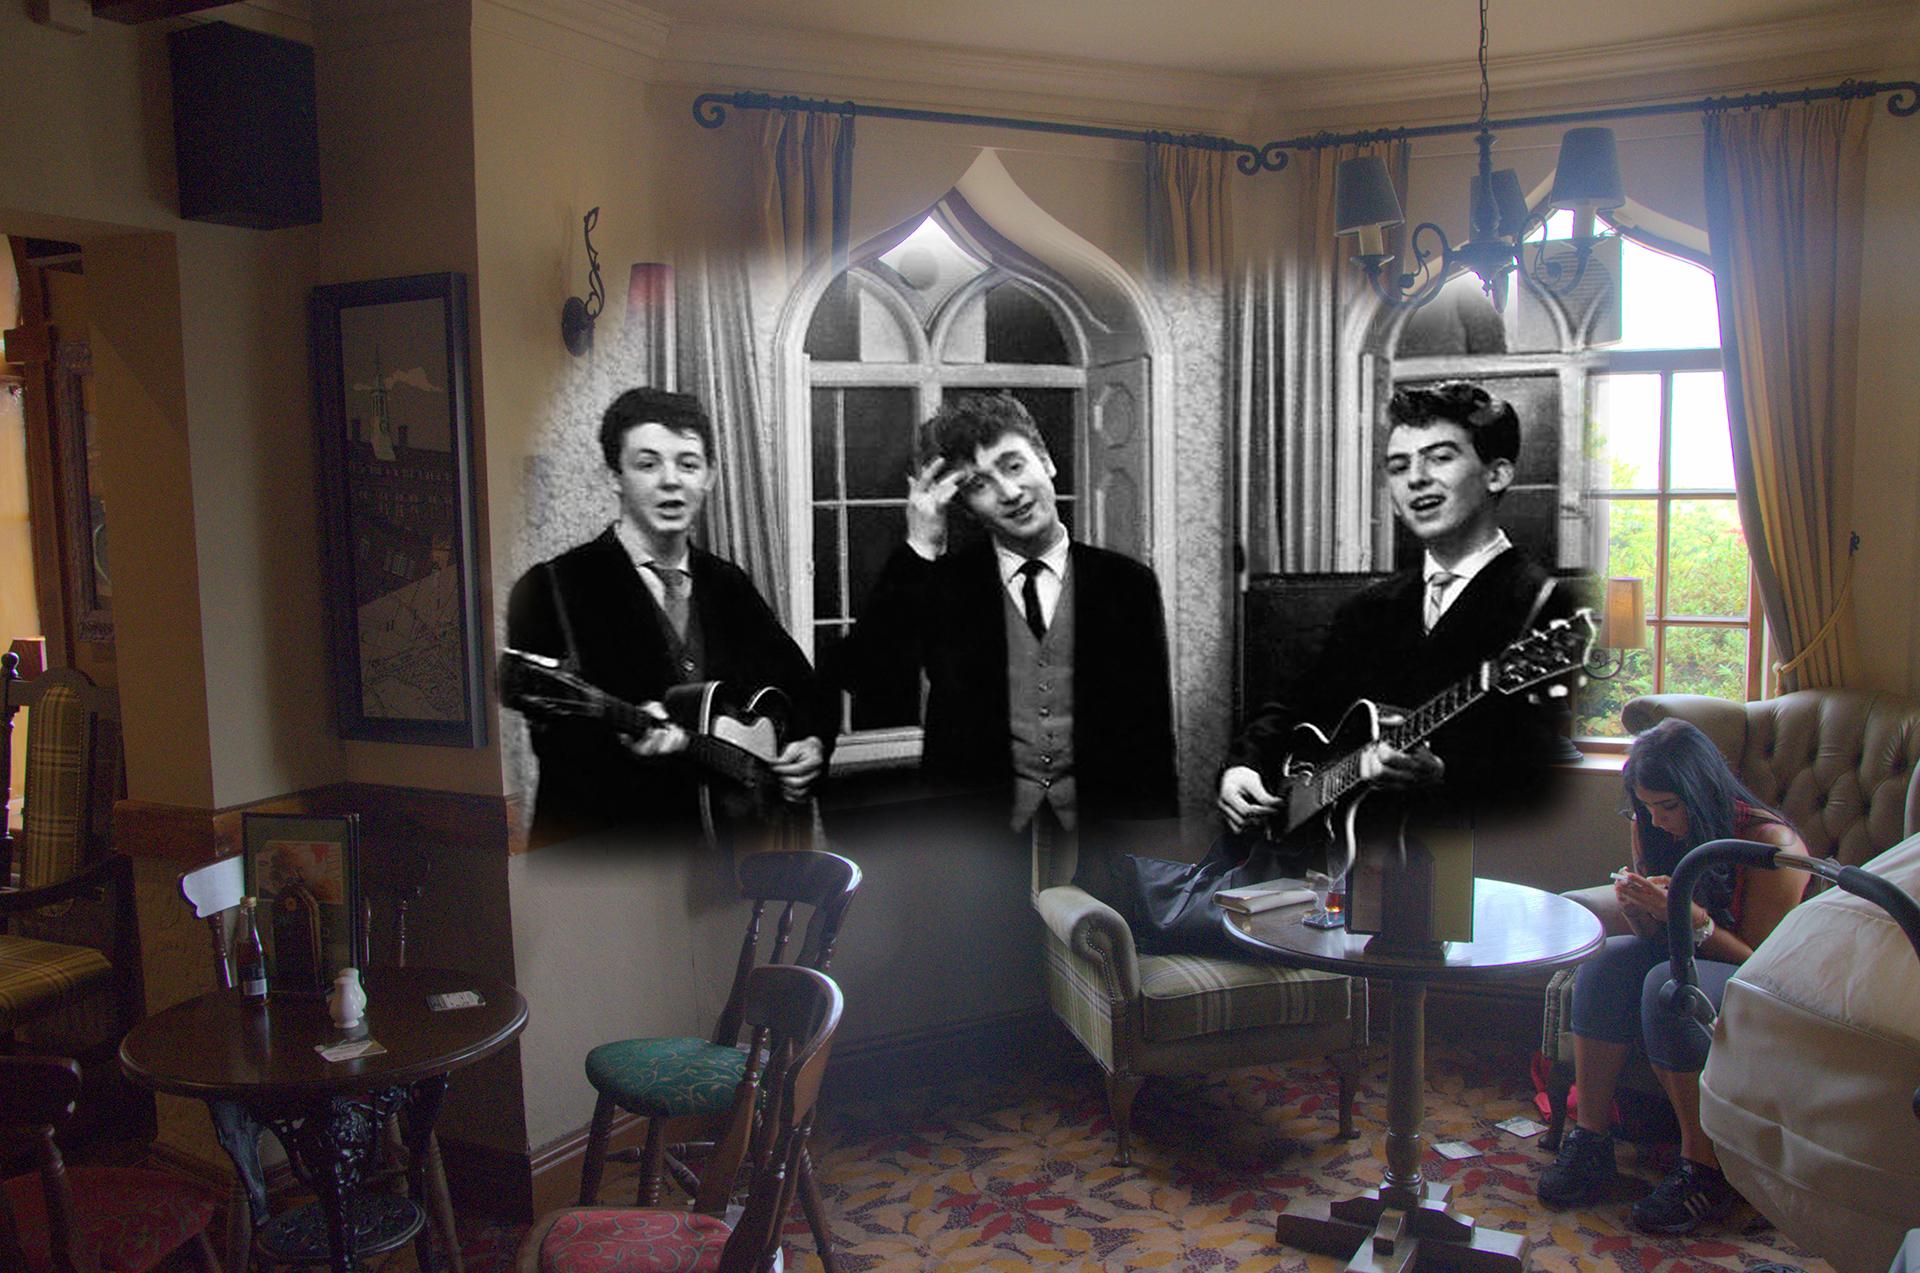 Jones volvió a los humildes comienzos de la banda como The Quarrymen, en el Childwall Abbey Hotel donde tocaron en la boda del hermano de George Harrison, en los años cincuenta